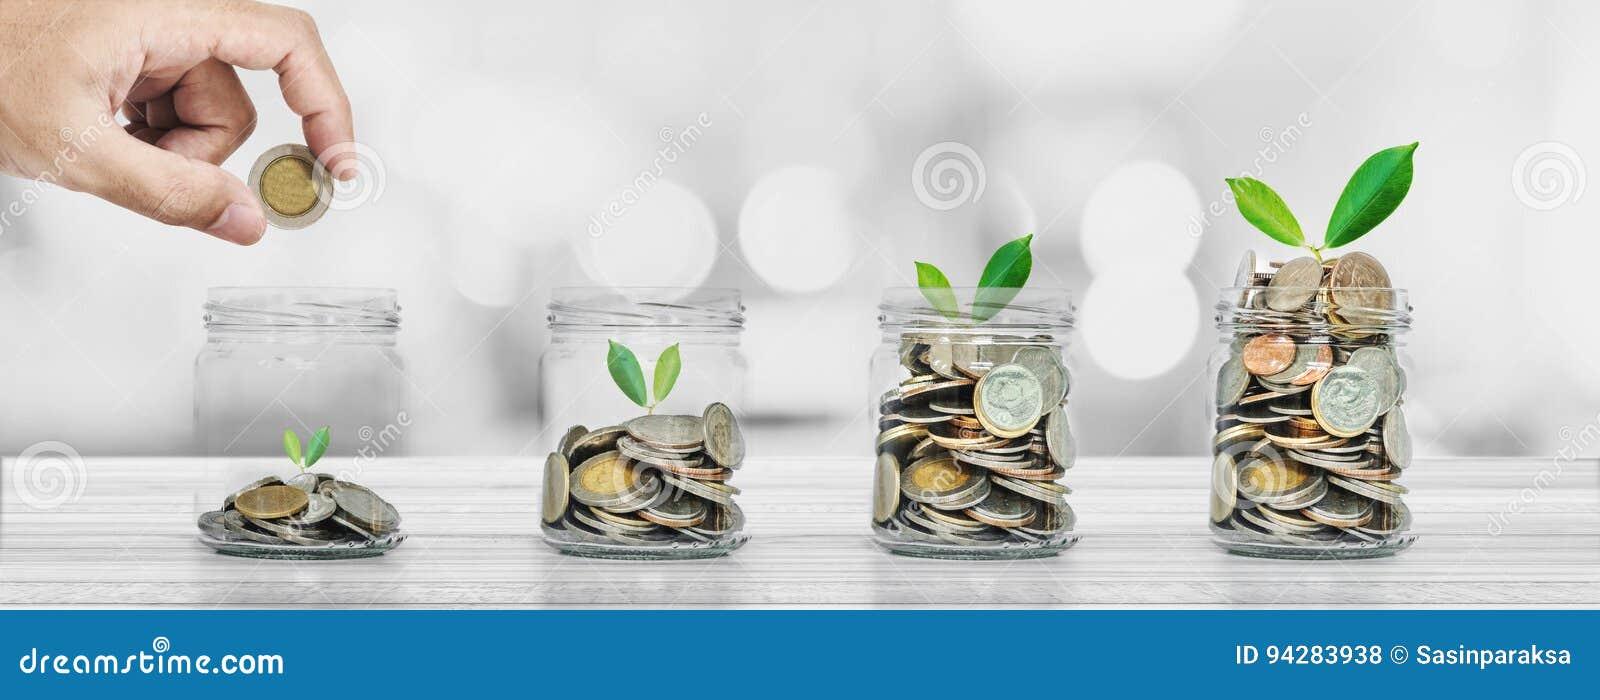 Dinheiro da economia e conceitos do investimento, mão que põe a moeda nas garrafas de vidro com incandescência das plantas